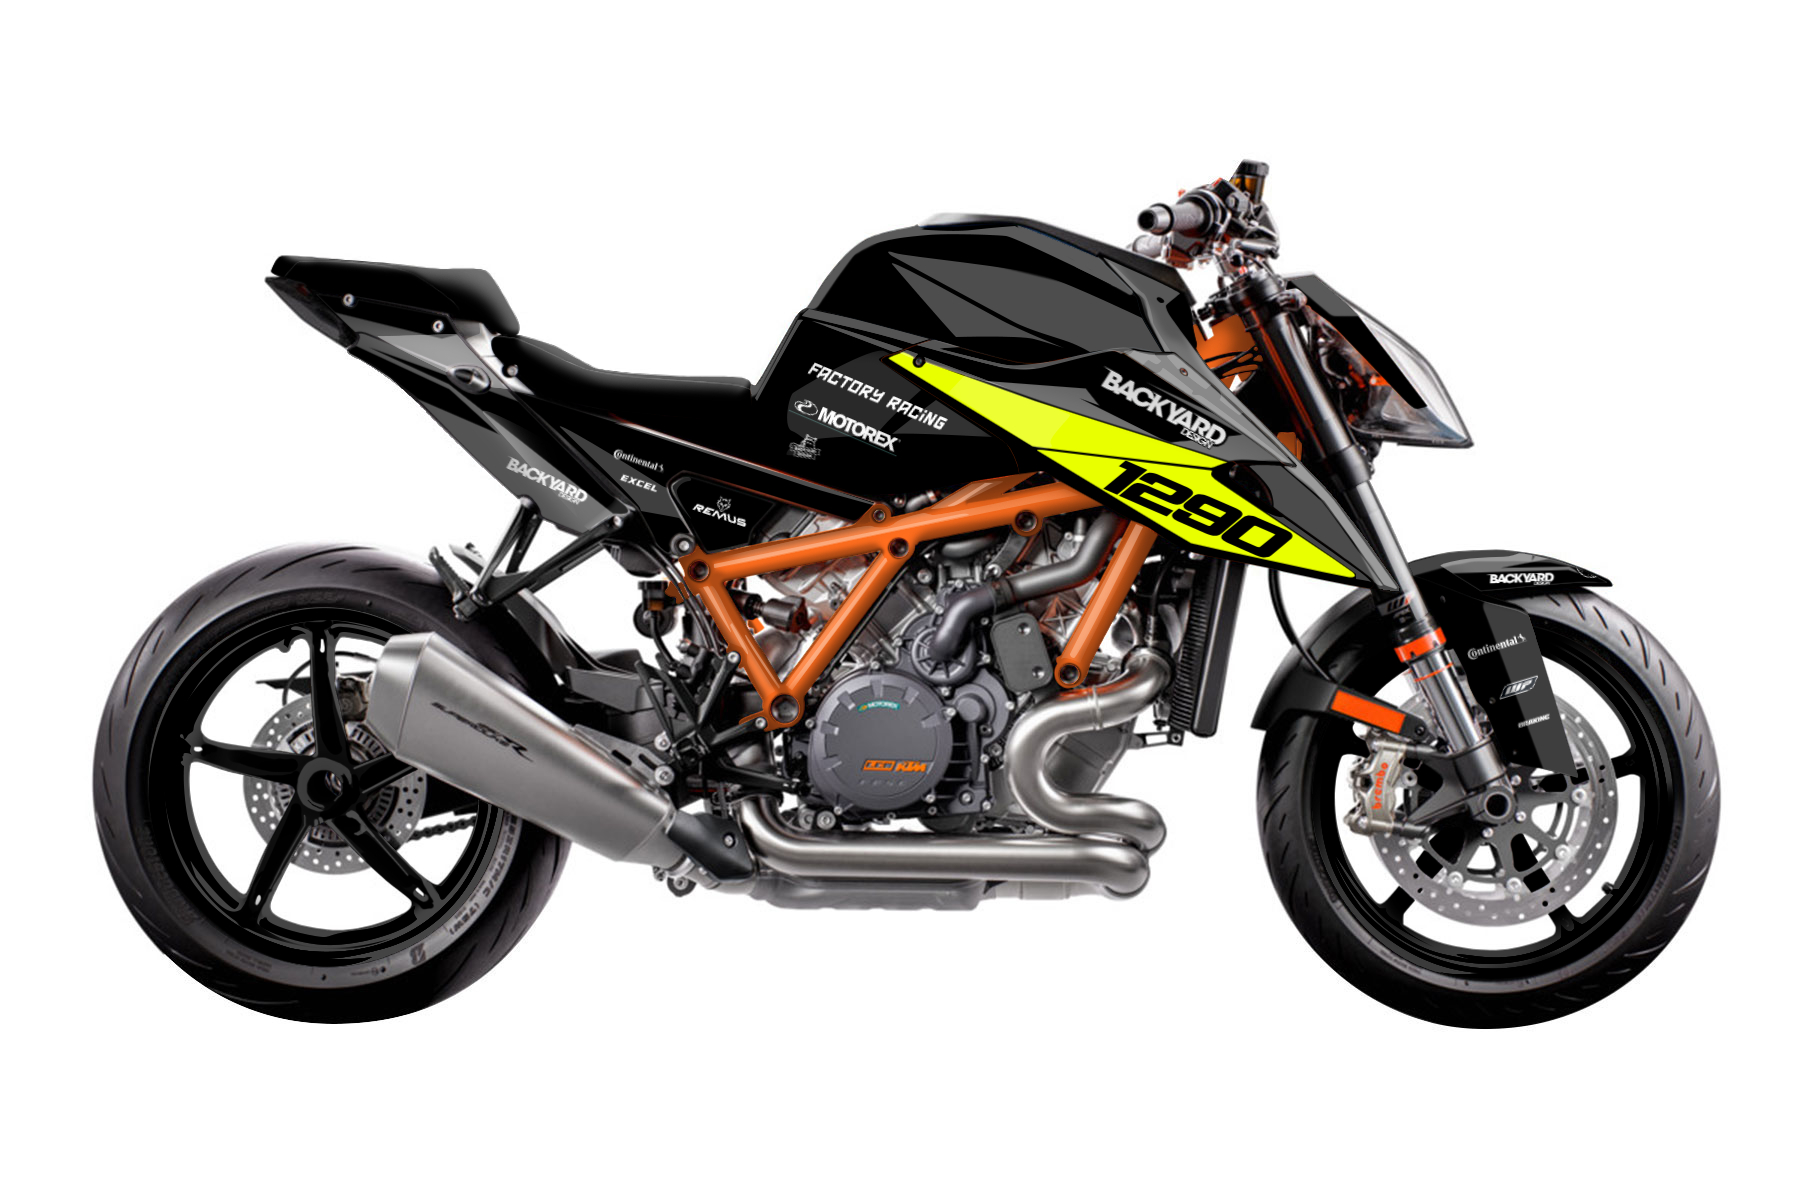 Prime Neon - Eines von vielen KTM 1290 Super Duke R Supermoto Dekor Grunddesigns von Backyard Design